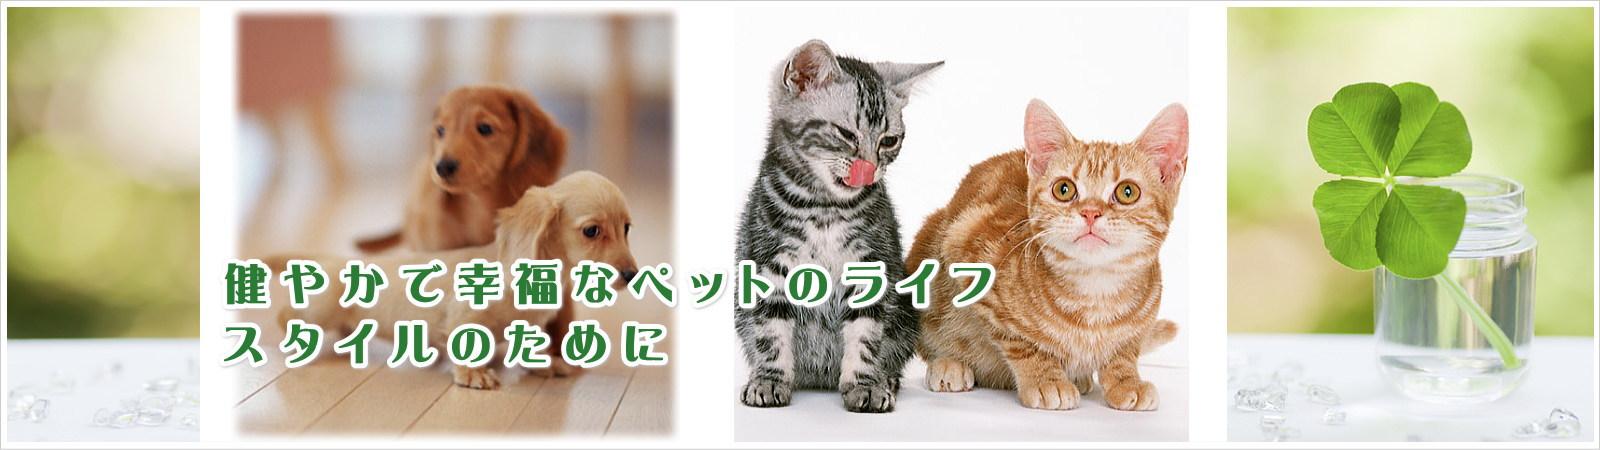 クローバー動物病院|三重県松阪市